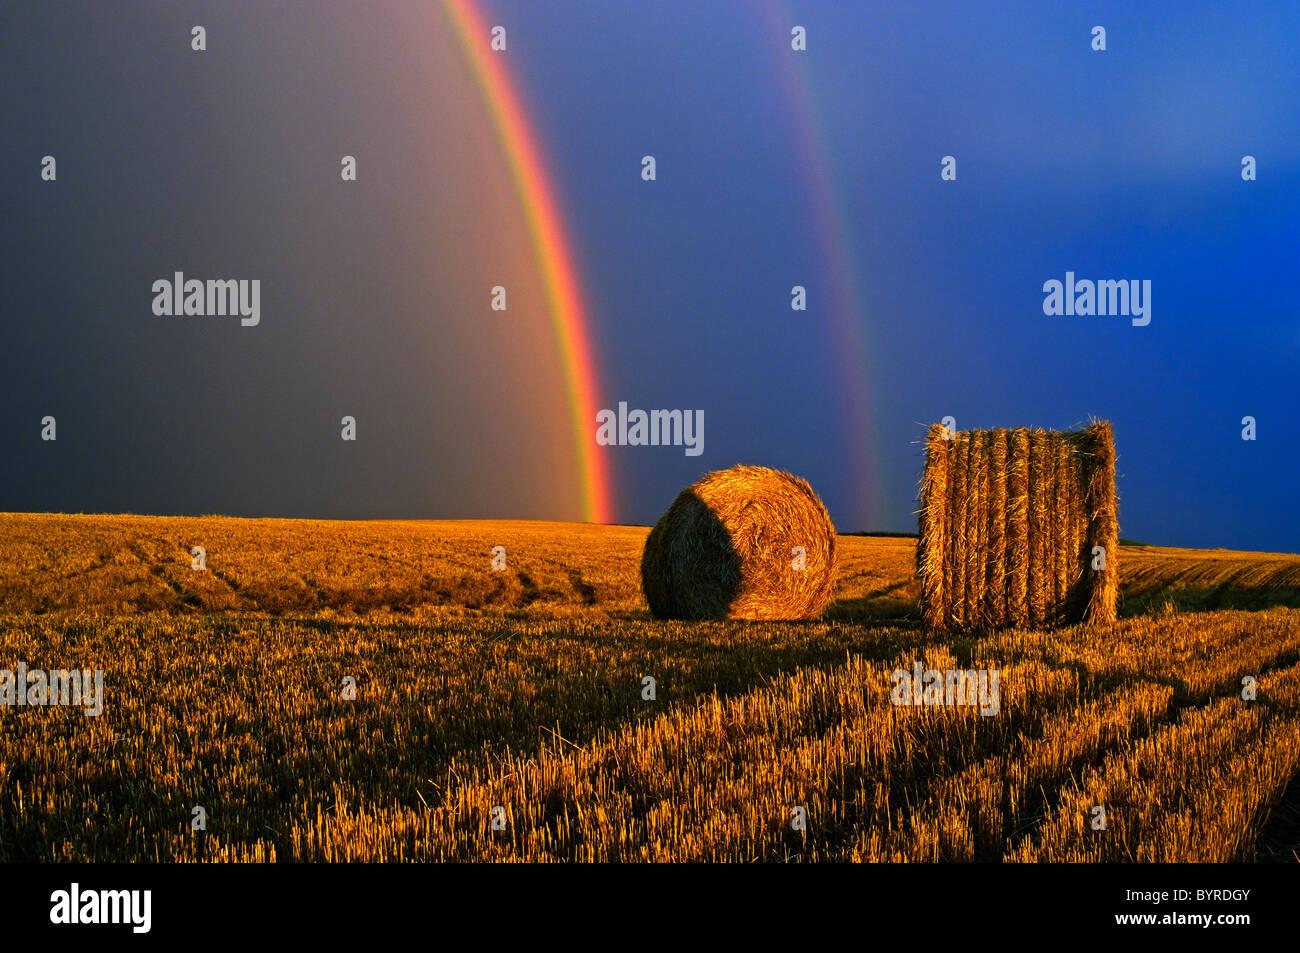 Agriculture - un arc-en-ciel et nuages de tempête au-dessus d'un champ de blé ronde bottes de paille / près de Cypress River, Manitoba, Canada. Banque D'Images